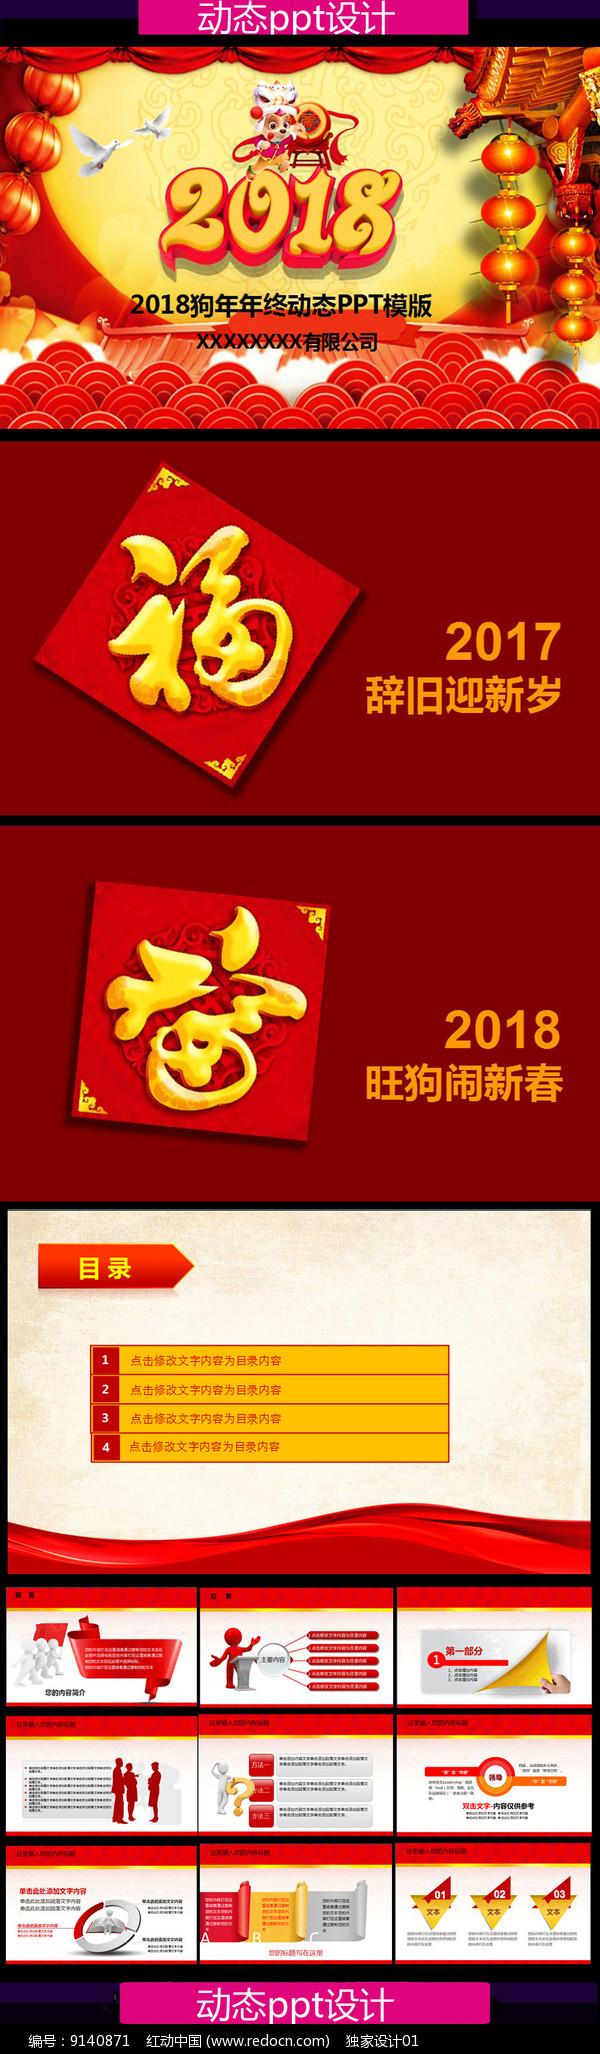 2018狗年年终总结ppt图片